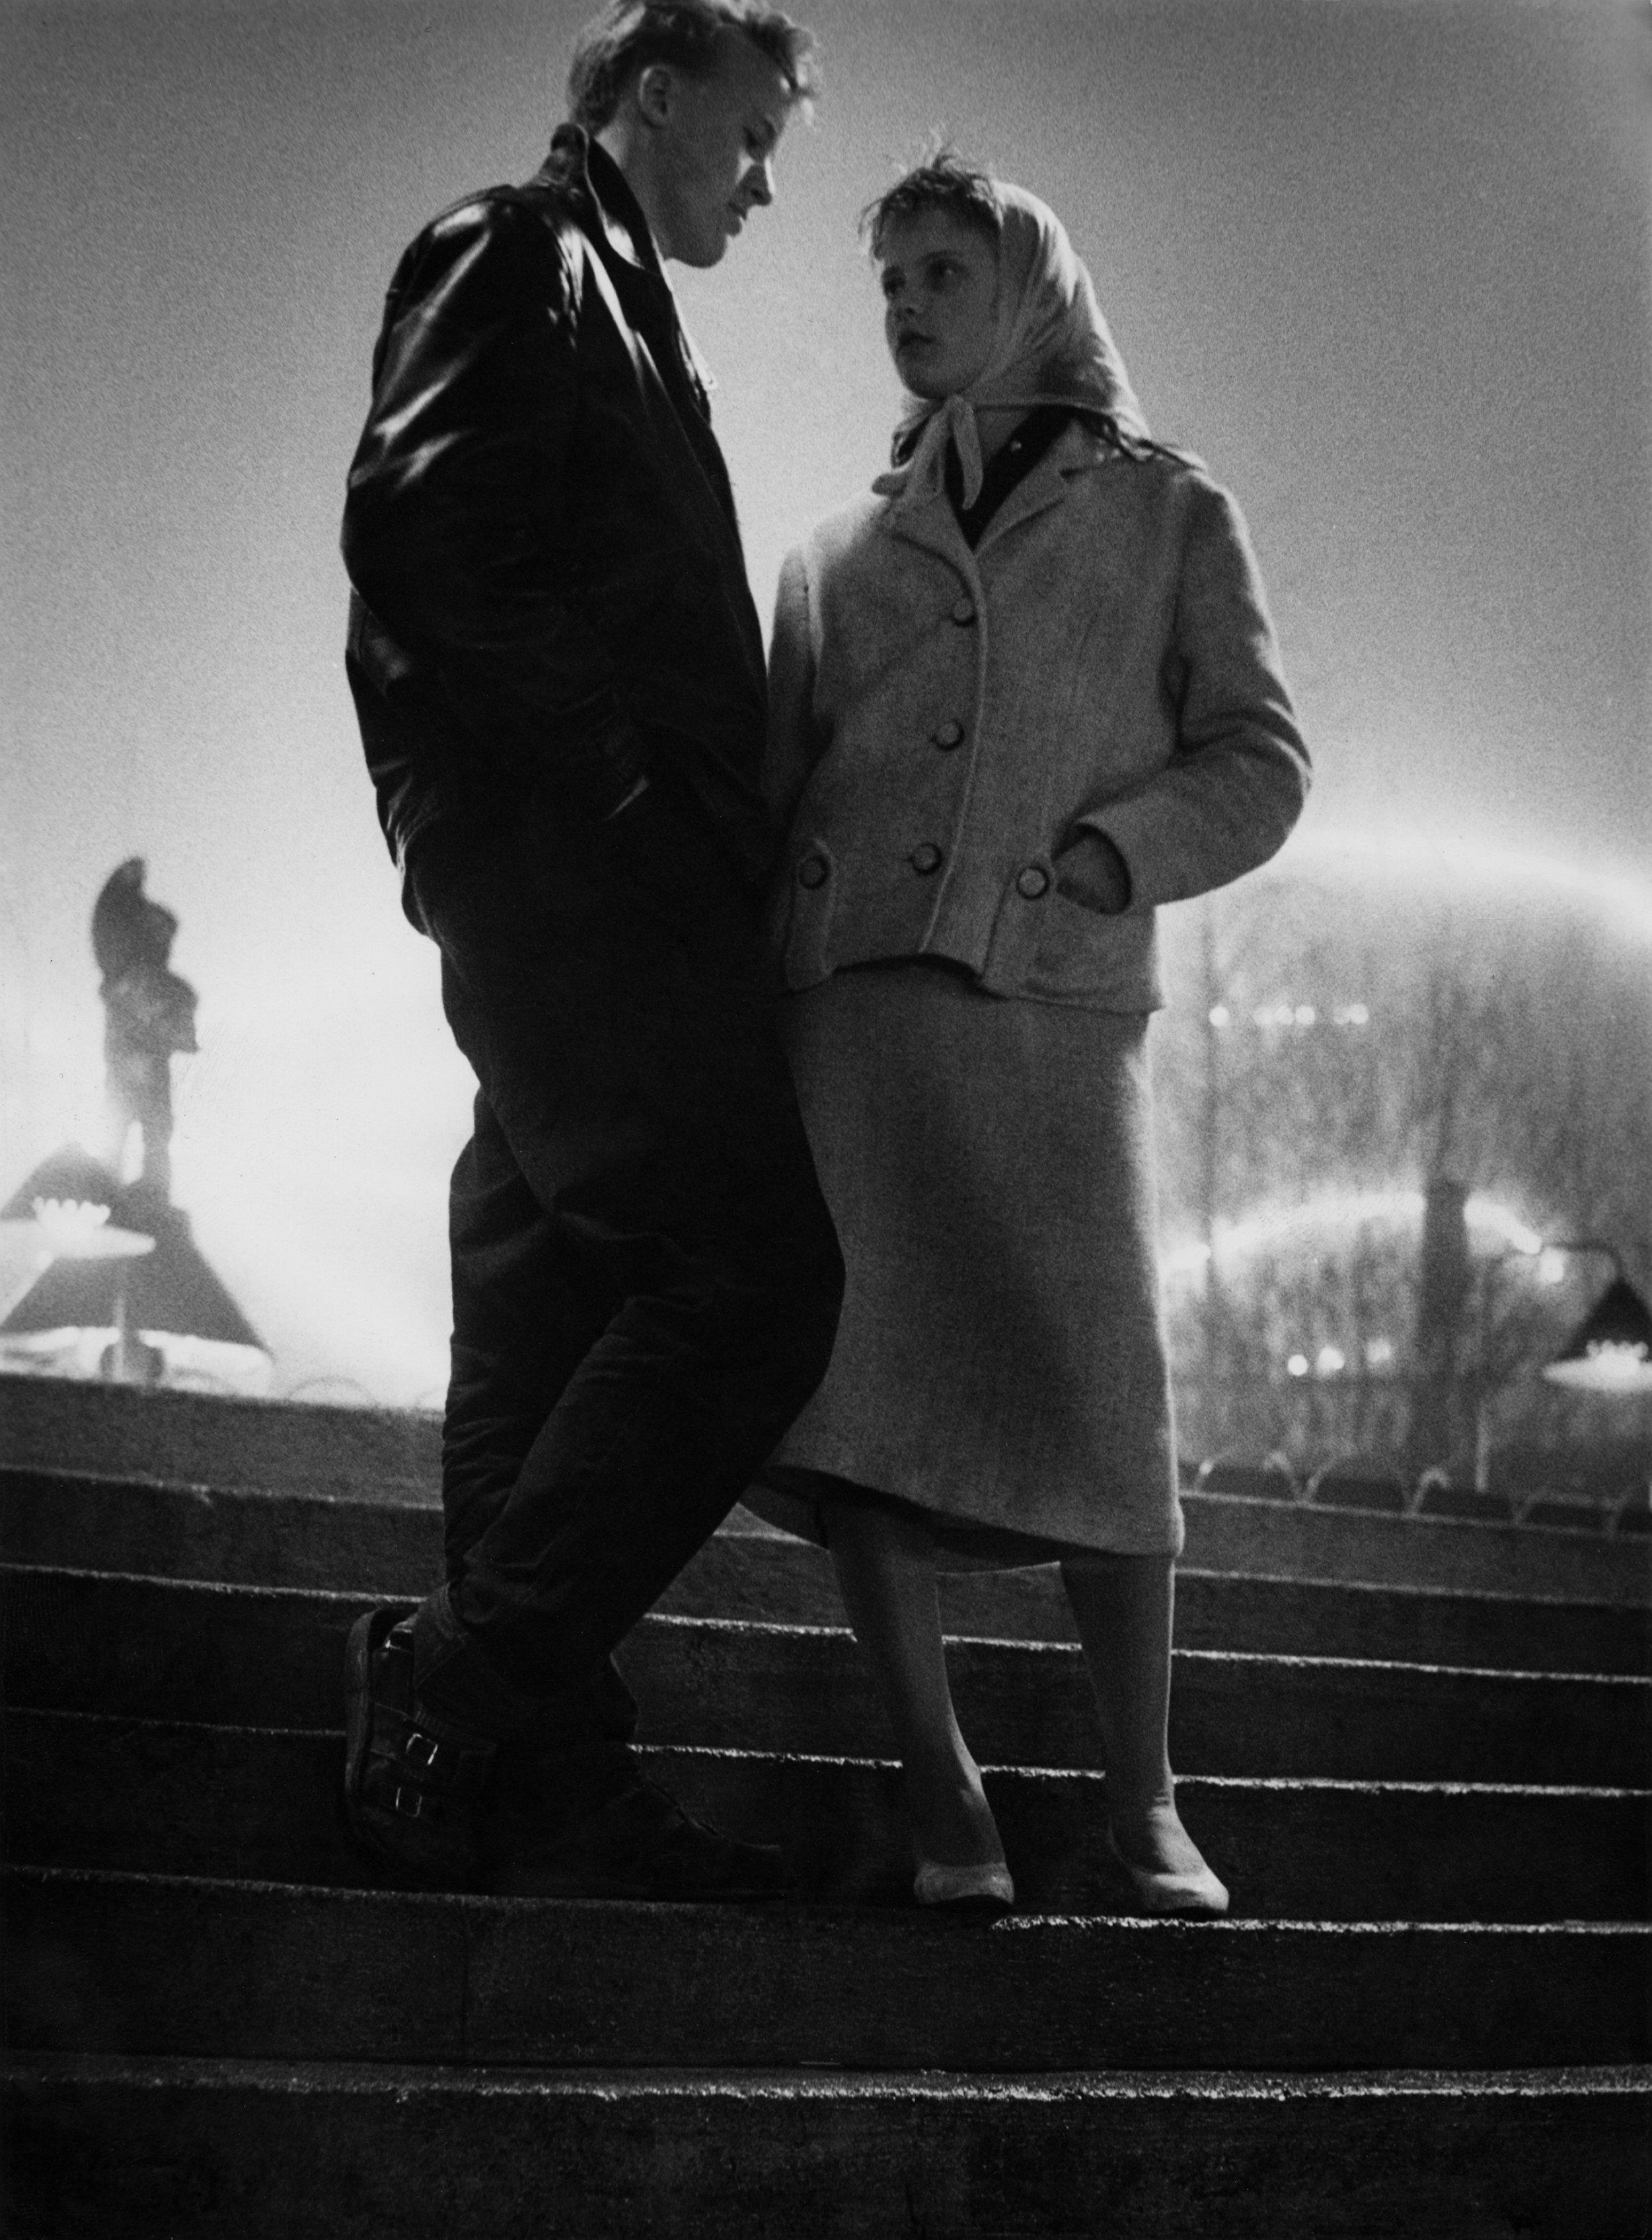 Nuoripari Linnanmäellä, 1954. Kuva: Eero Makkonen